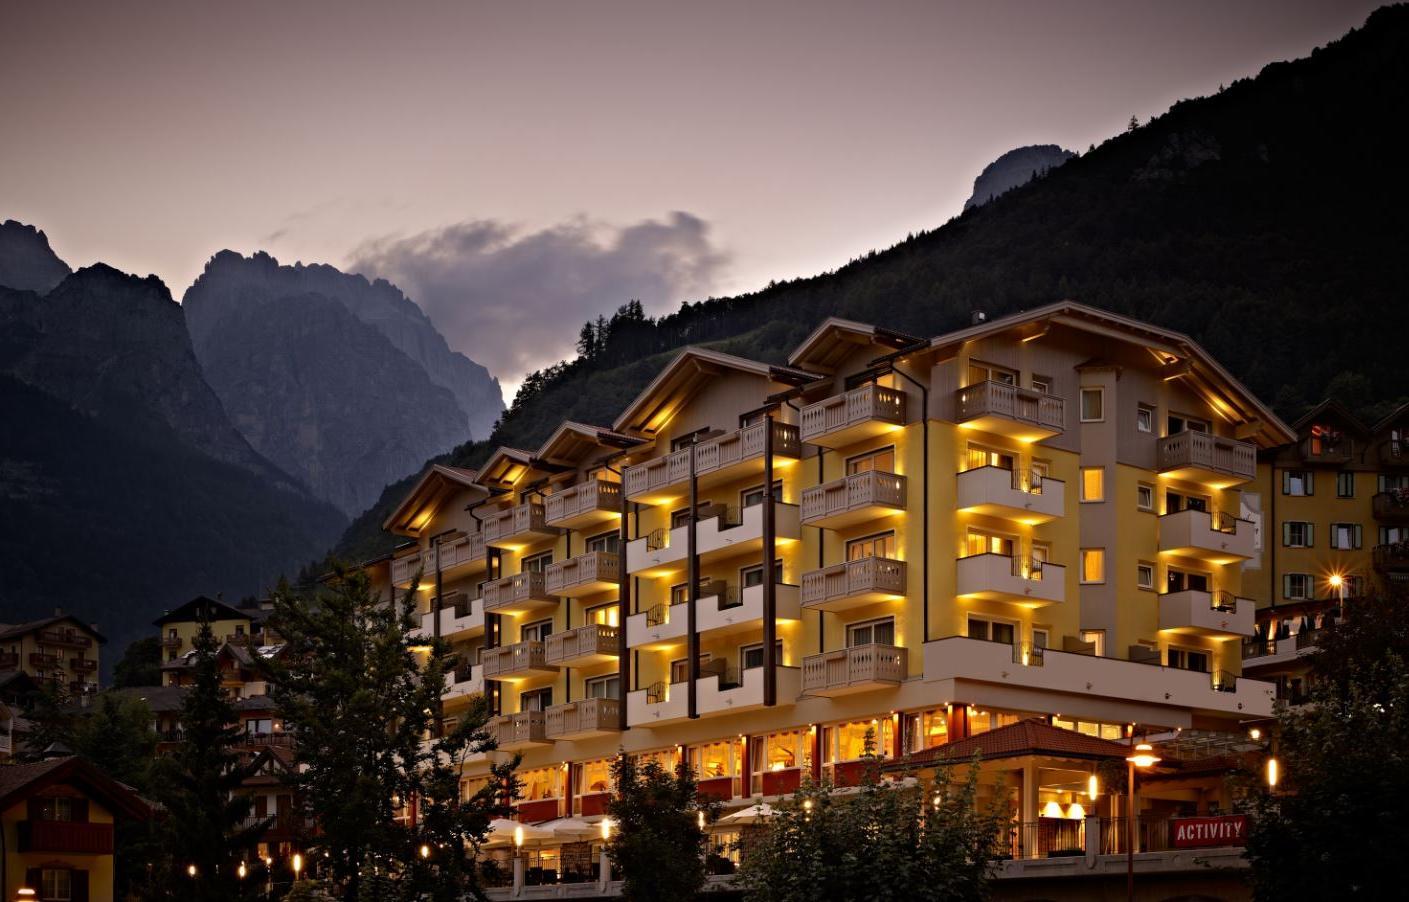 Hotel Alpenresort Belvedere